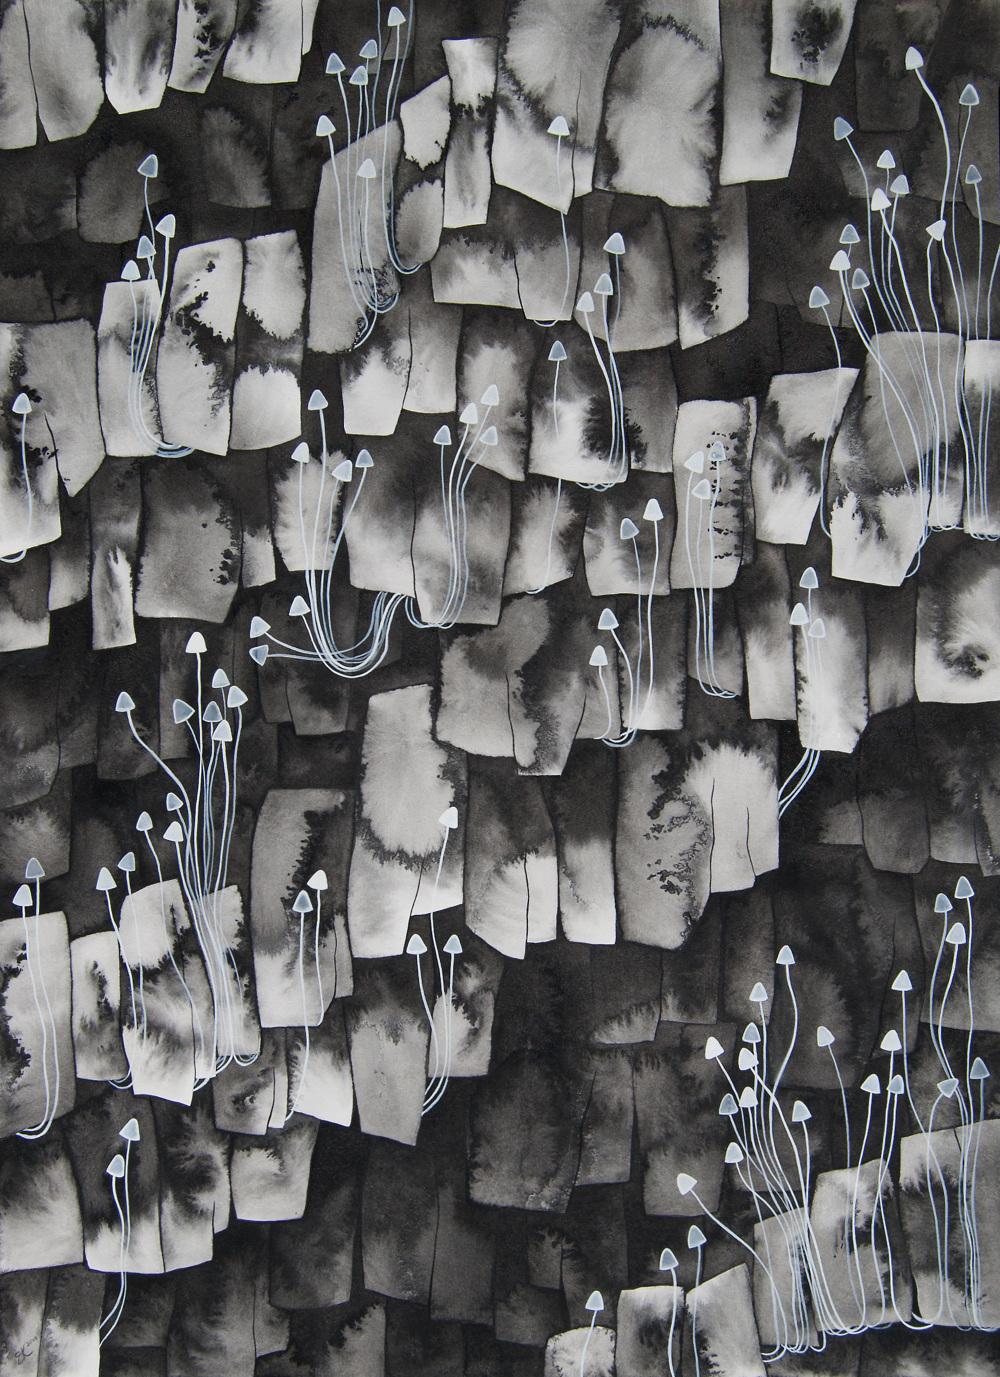 Erin Kendig fruiting-bodies-4.jpg